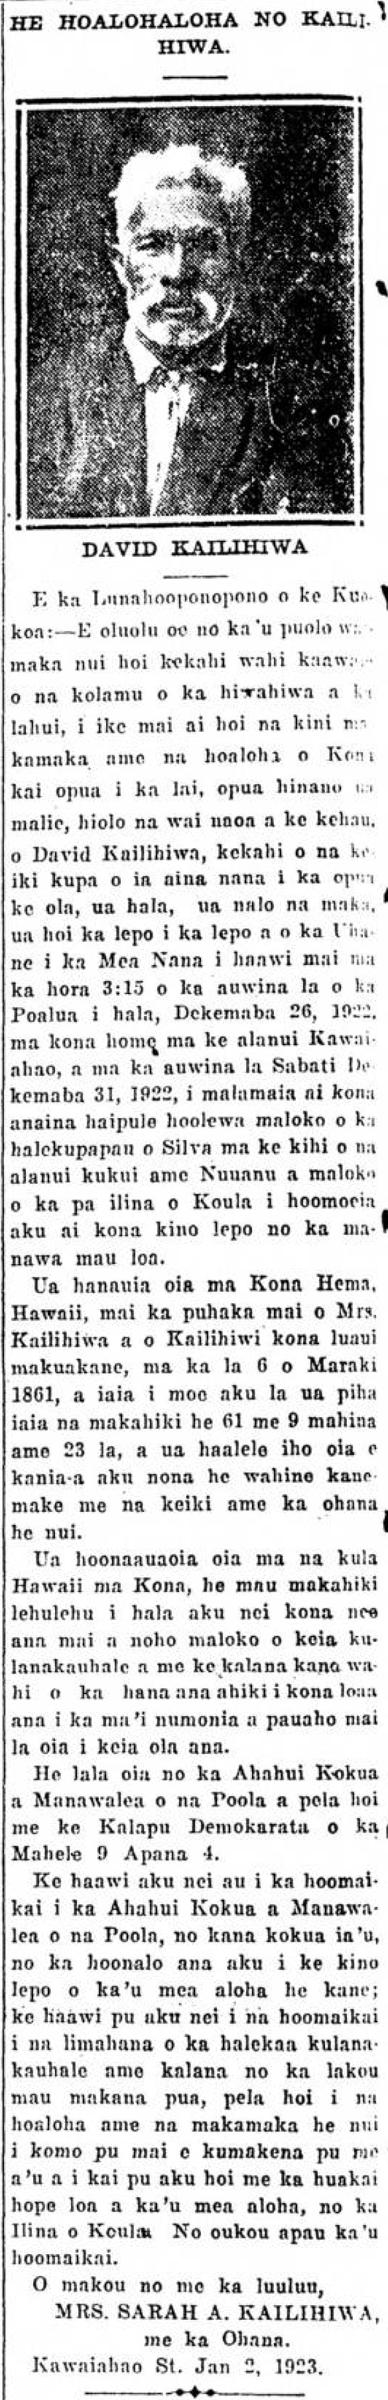 Kuokoa_1_4_1923_6.png